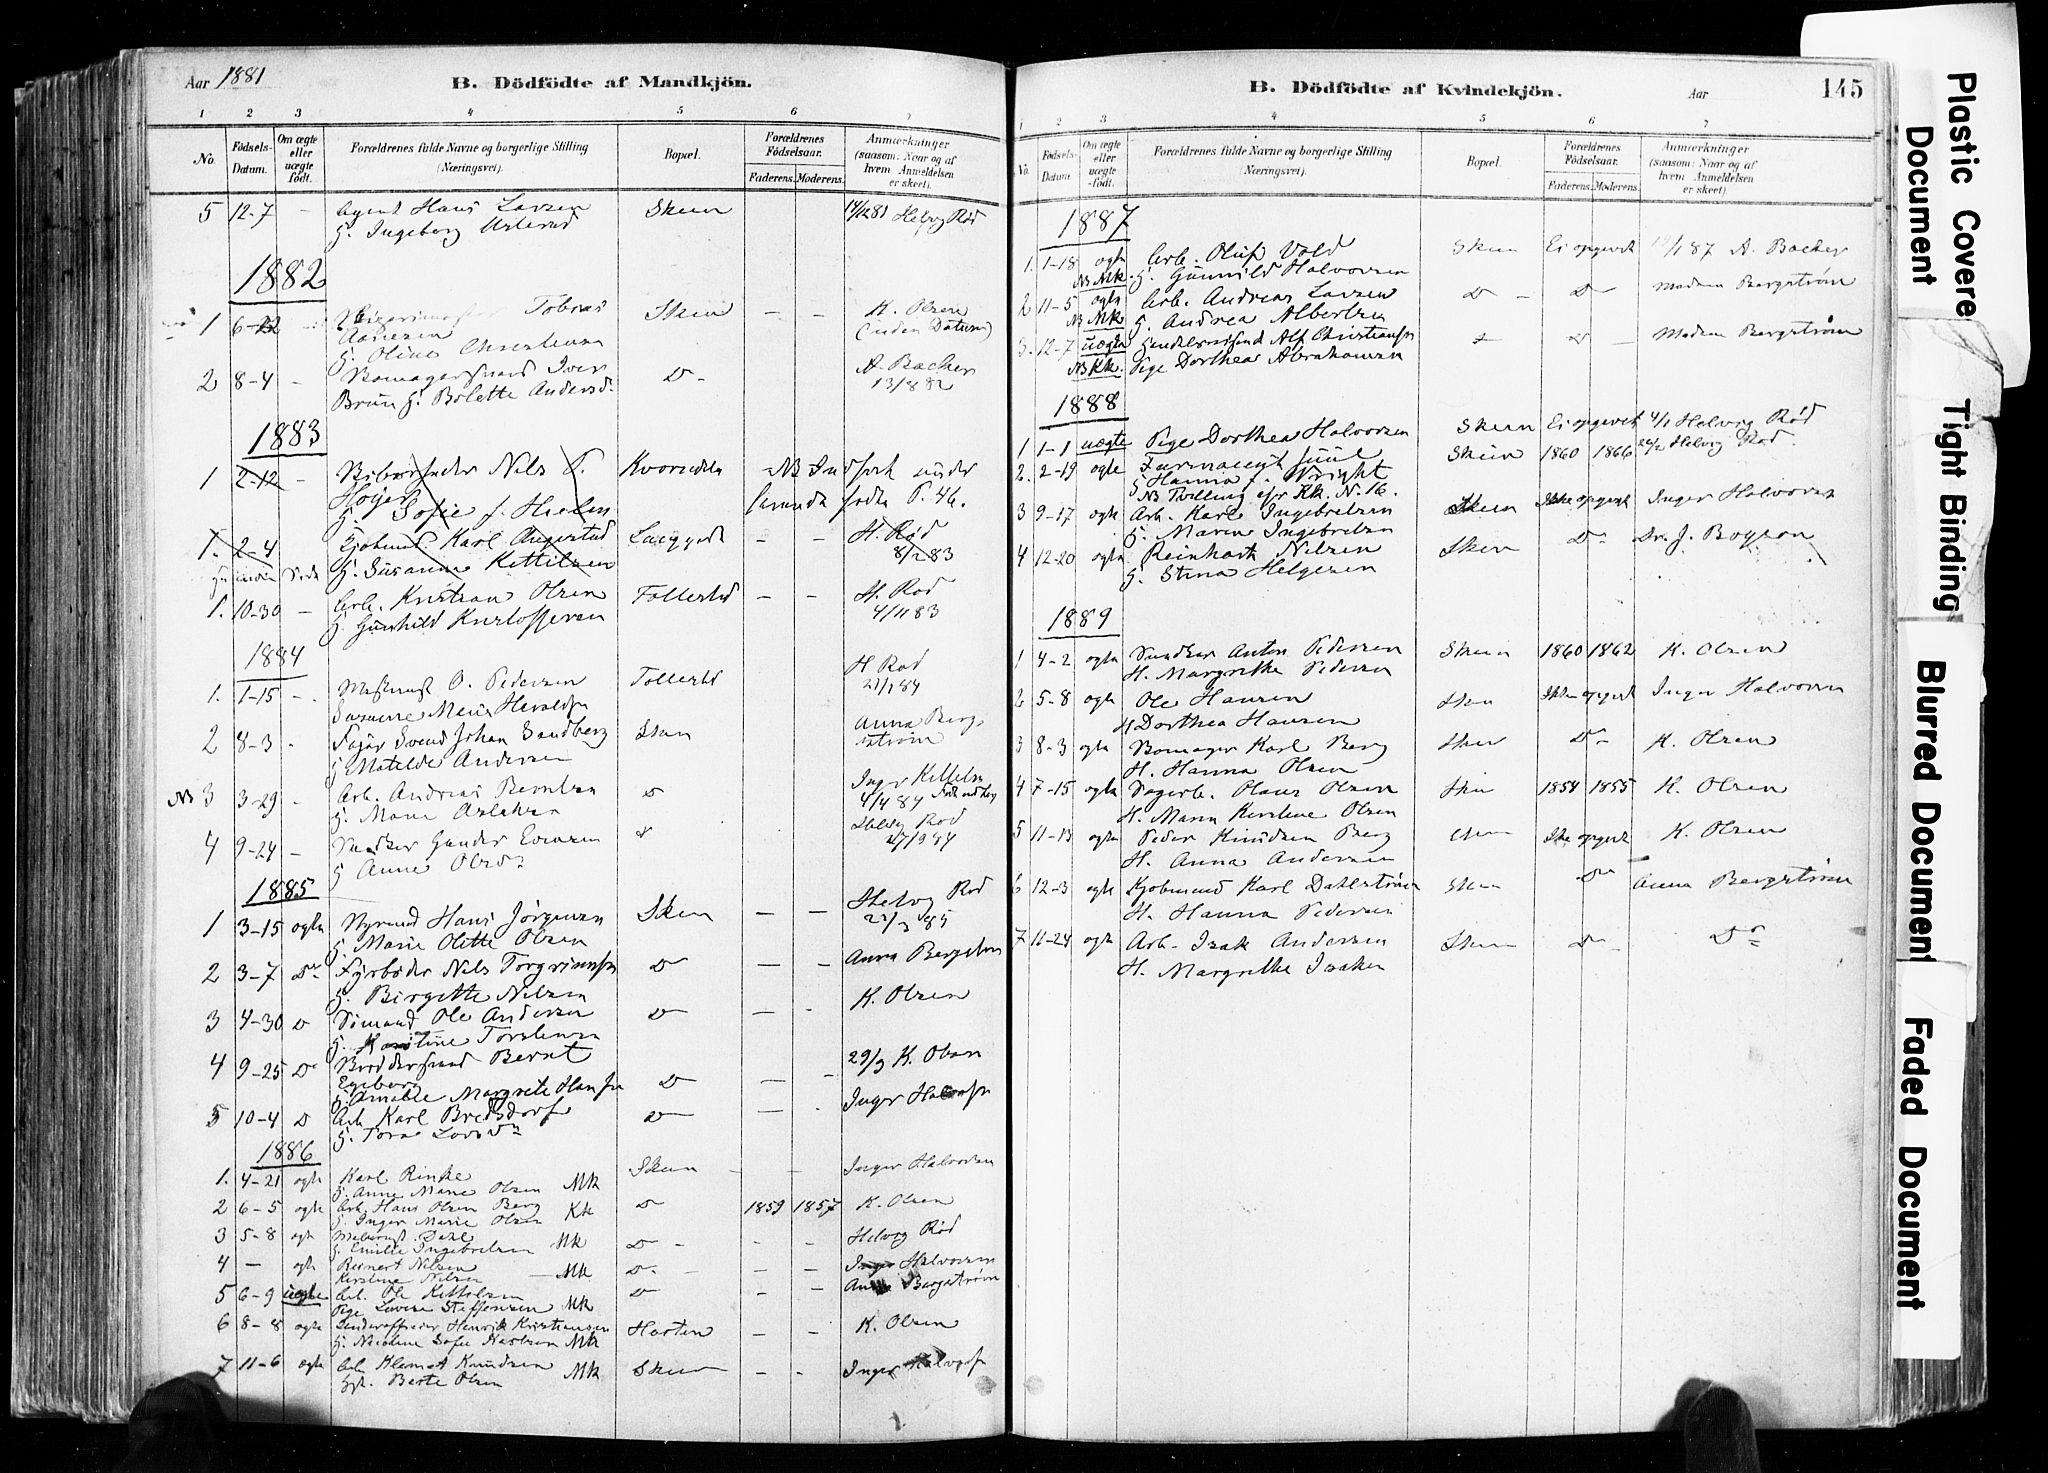 SAKO, Skien kirkebøker, F/Fa/L0009: Ministerialbok nr. 9, 1878-1890, s. 145